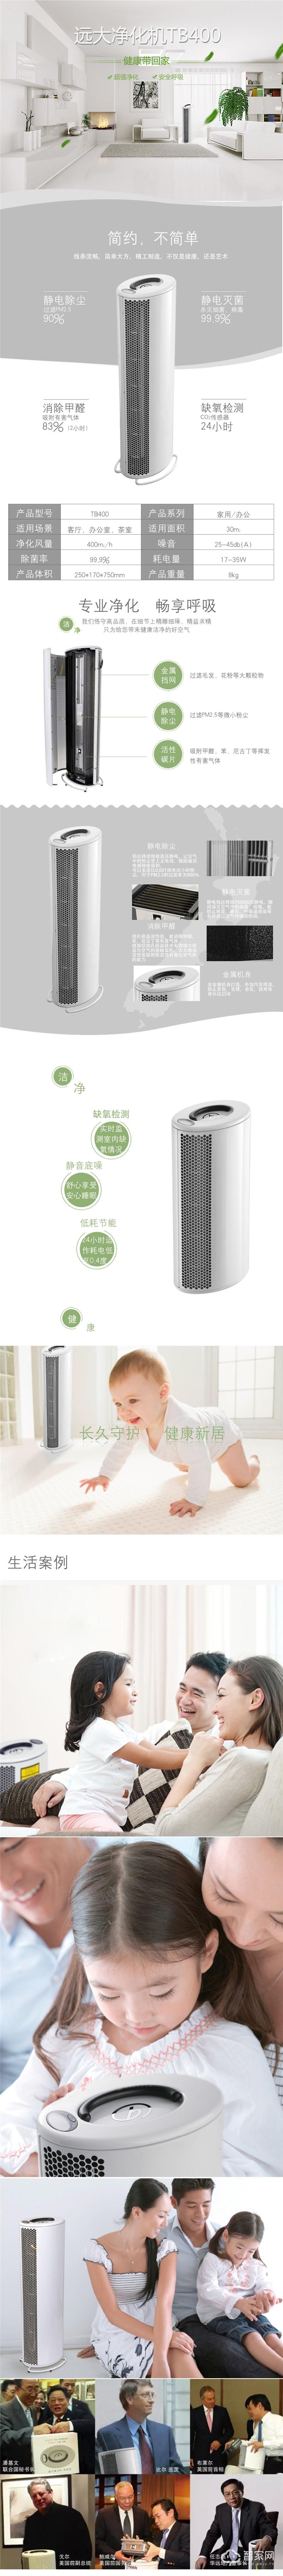 远大空气净化机 超强净化 安全呼吸